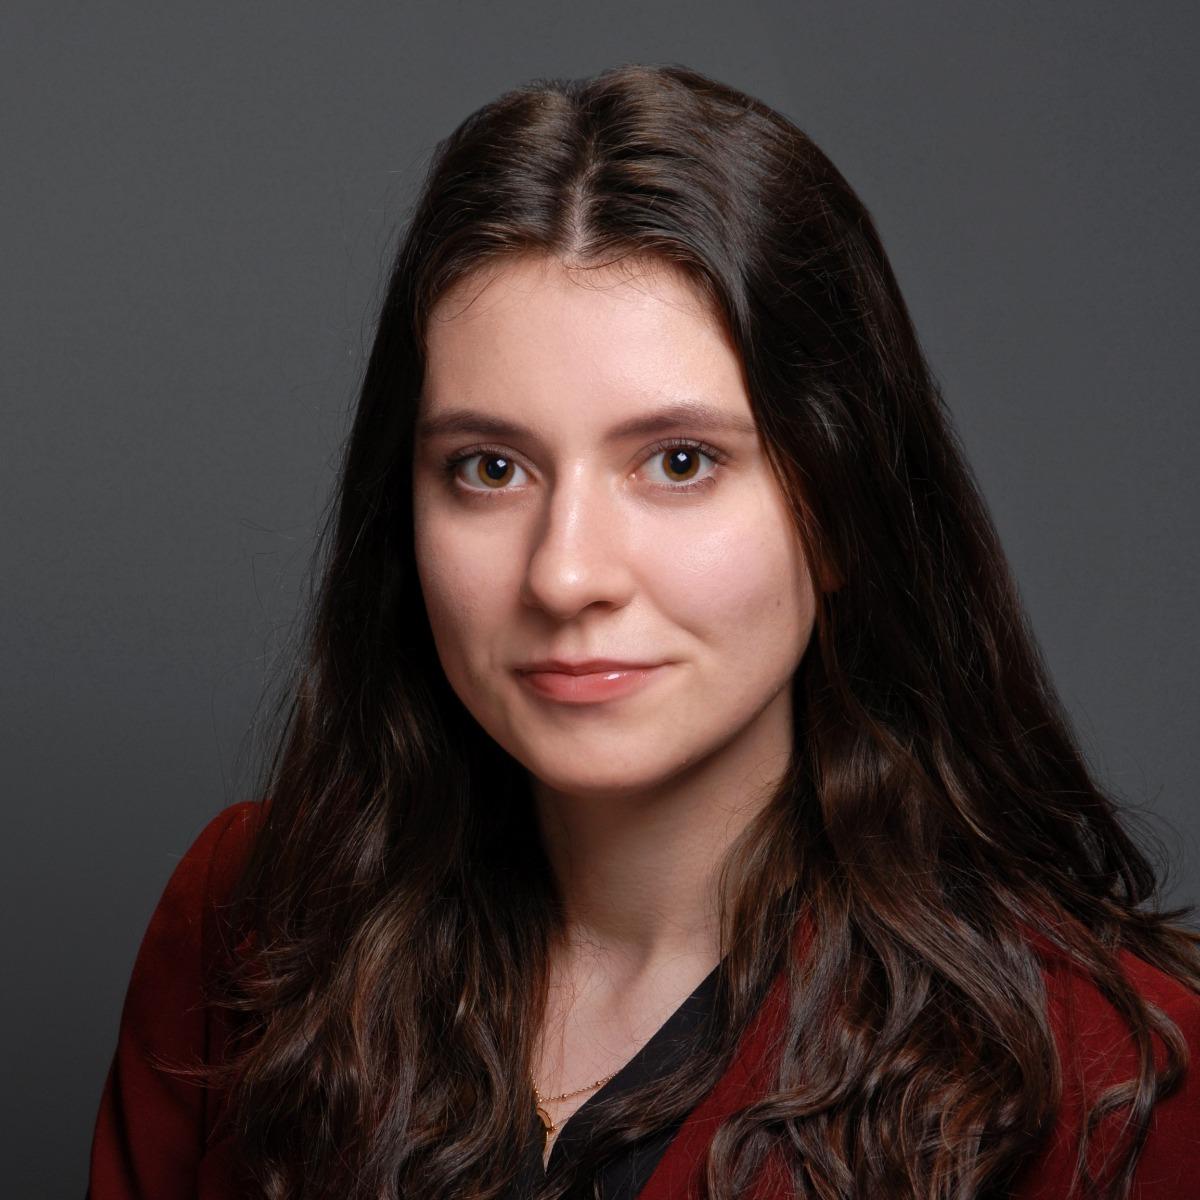 Aleksandra Młodożyńska